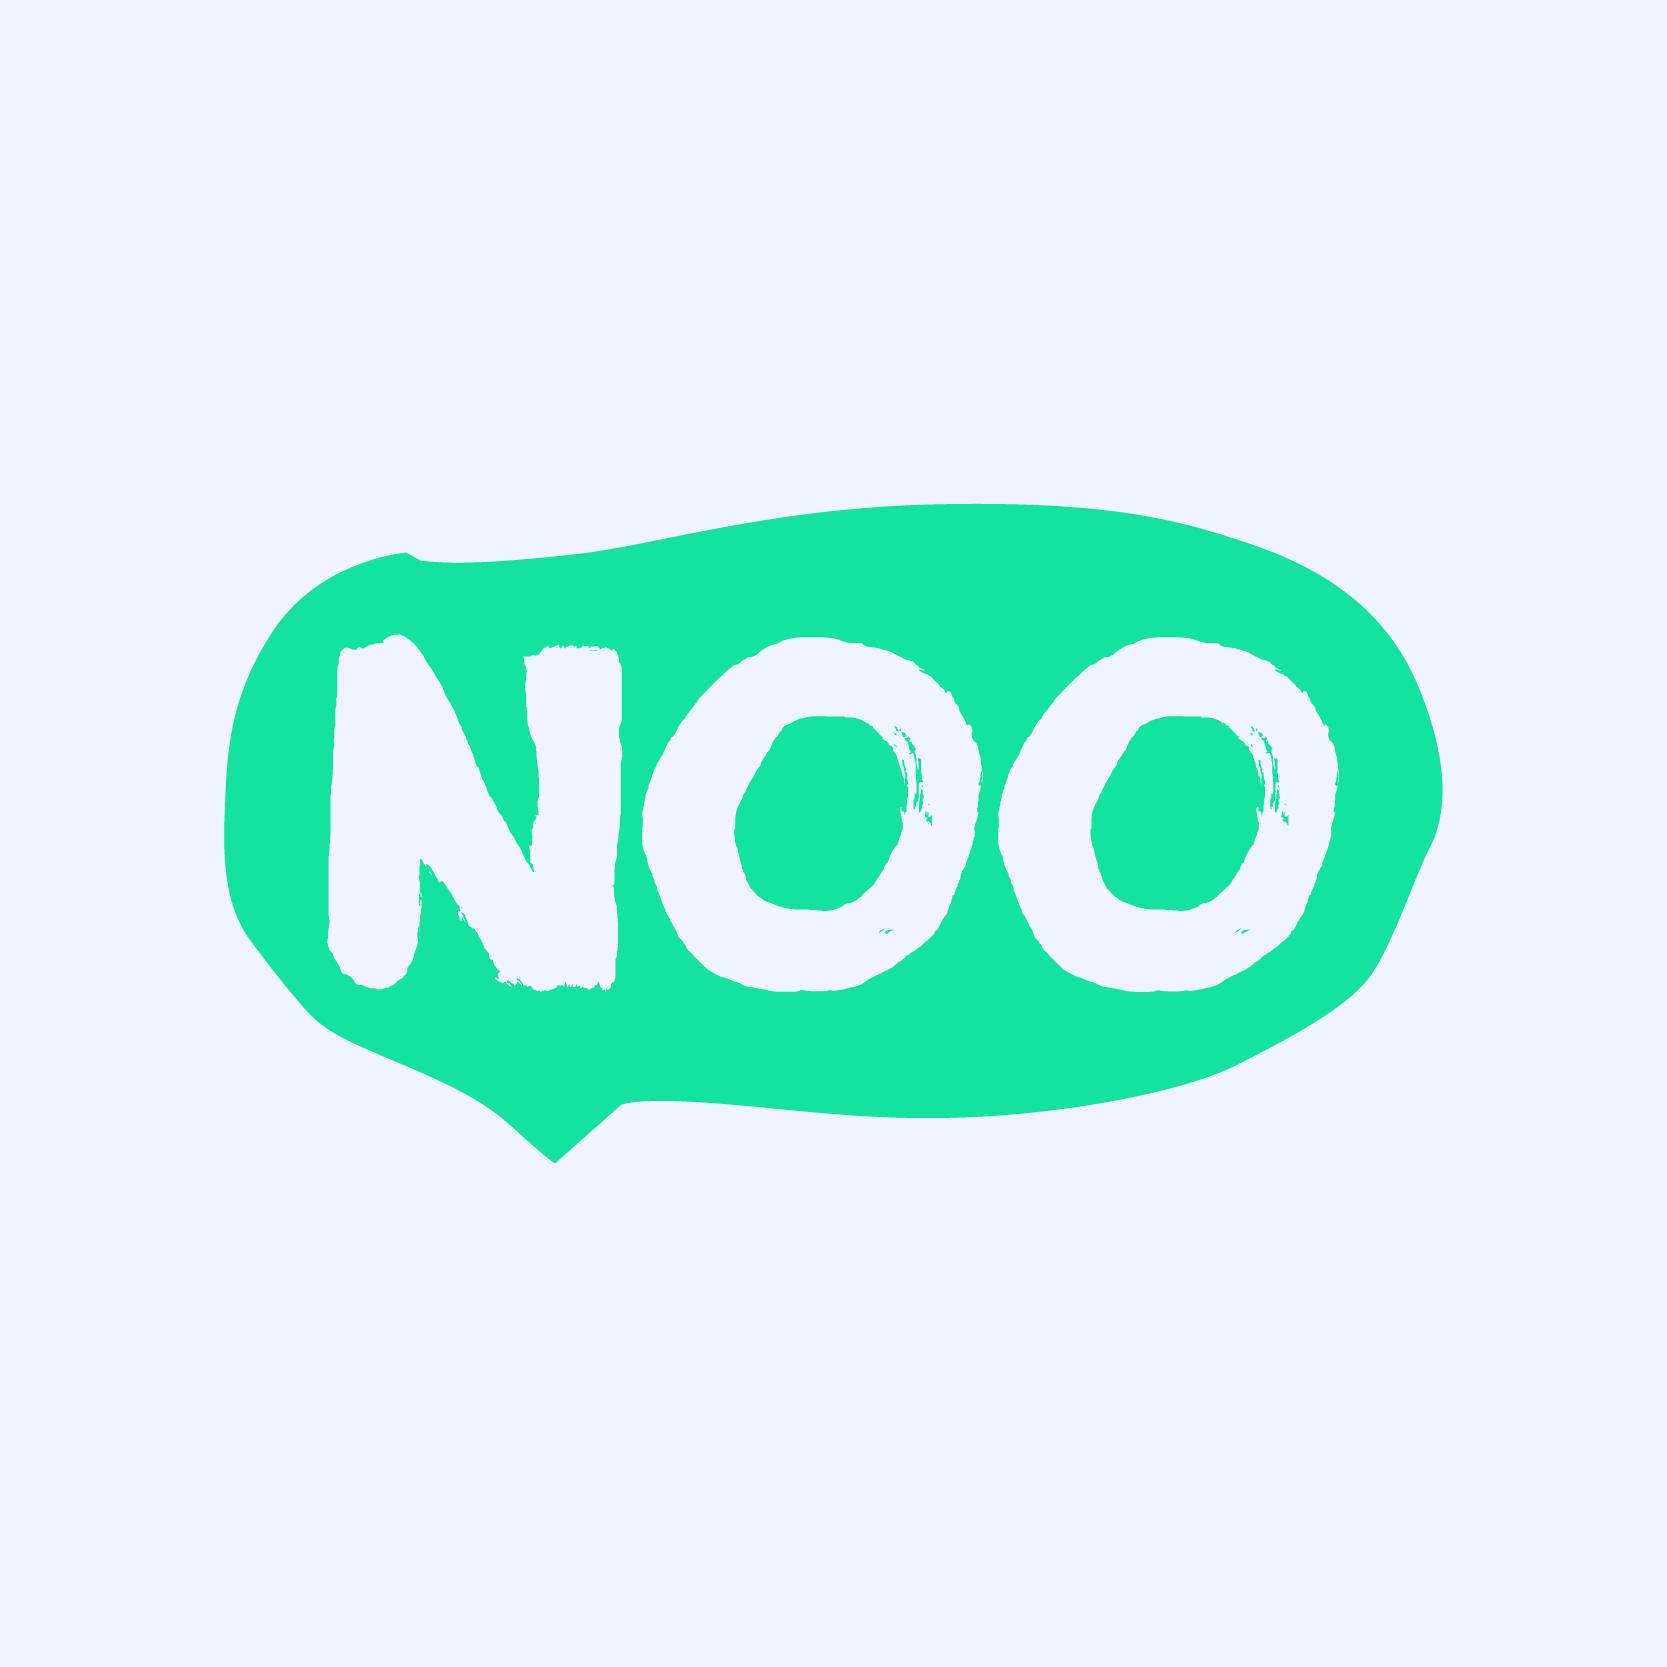 Noordelijke Online Ondernemers (NOO)